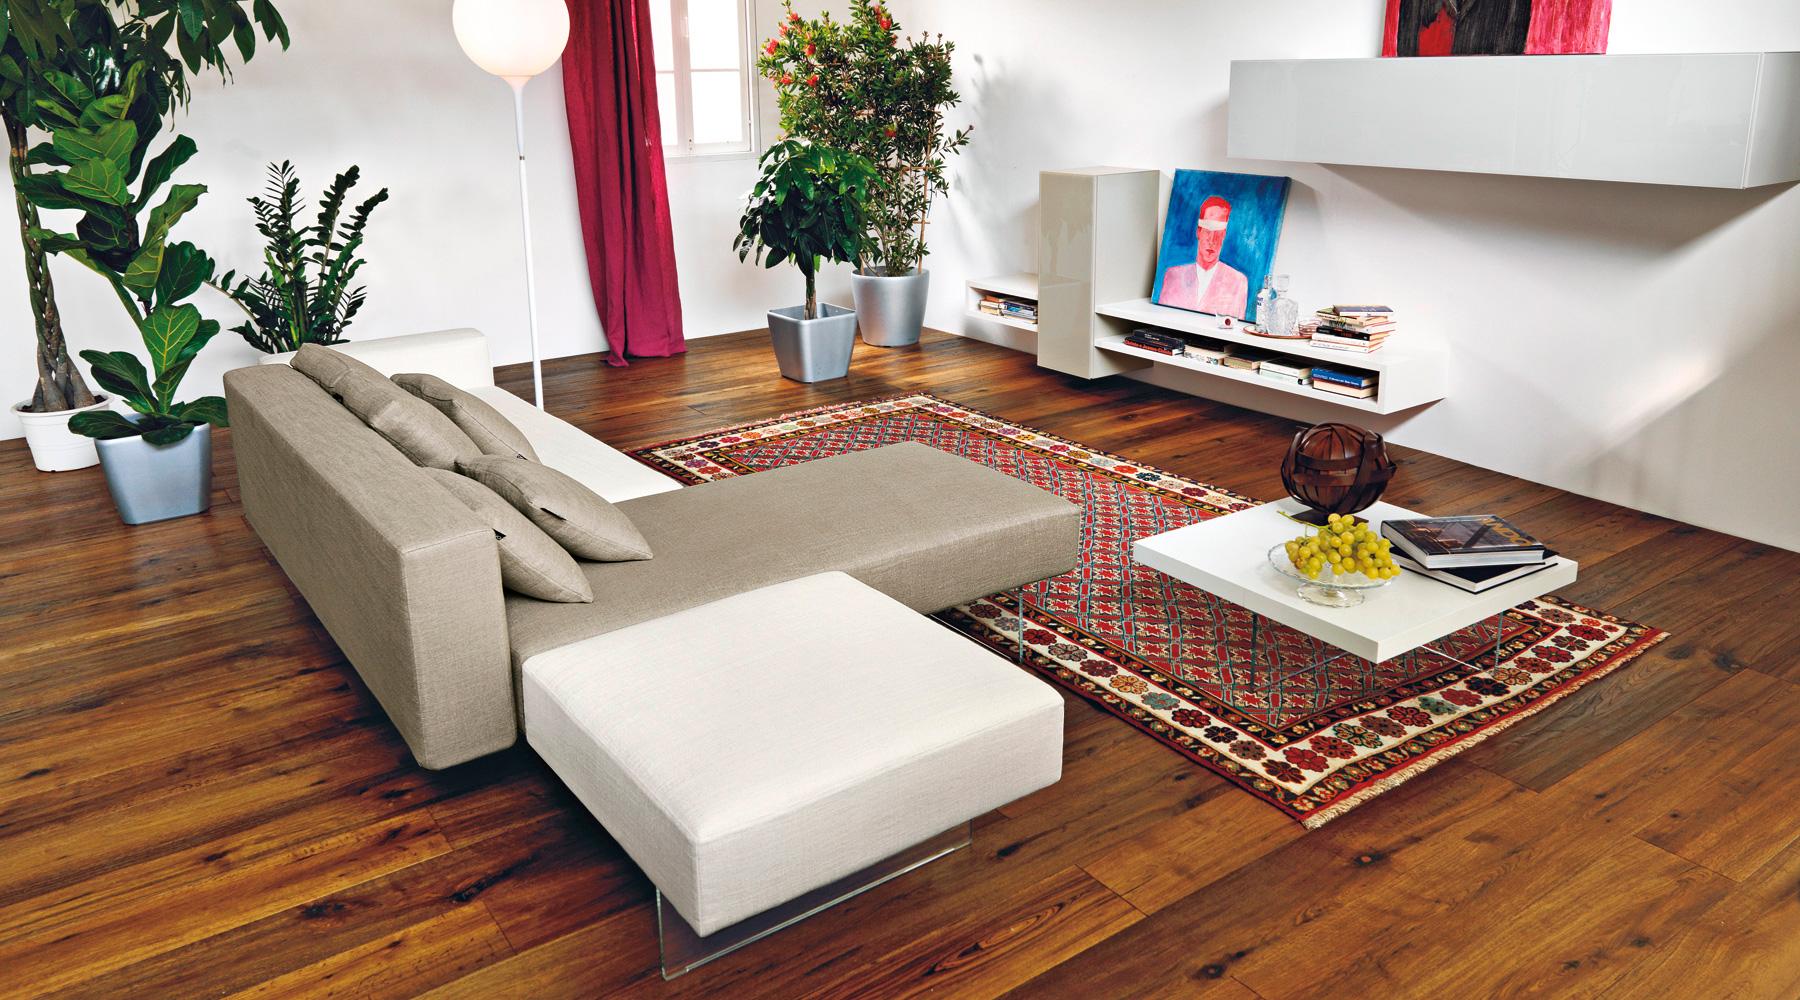 Delfanti arredamenti air divano - Mobili soggiorno lago ...